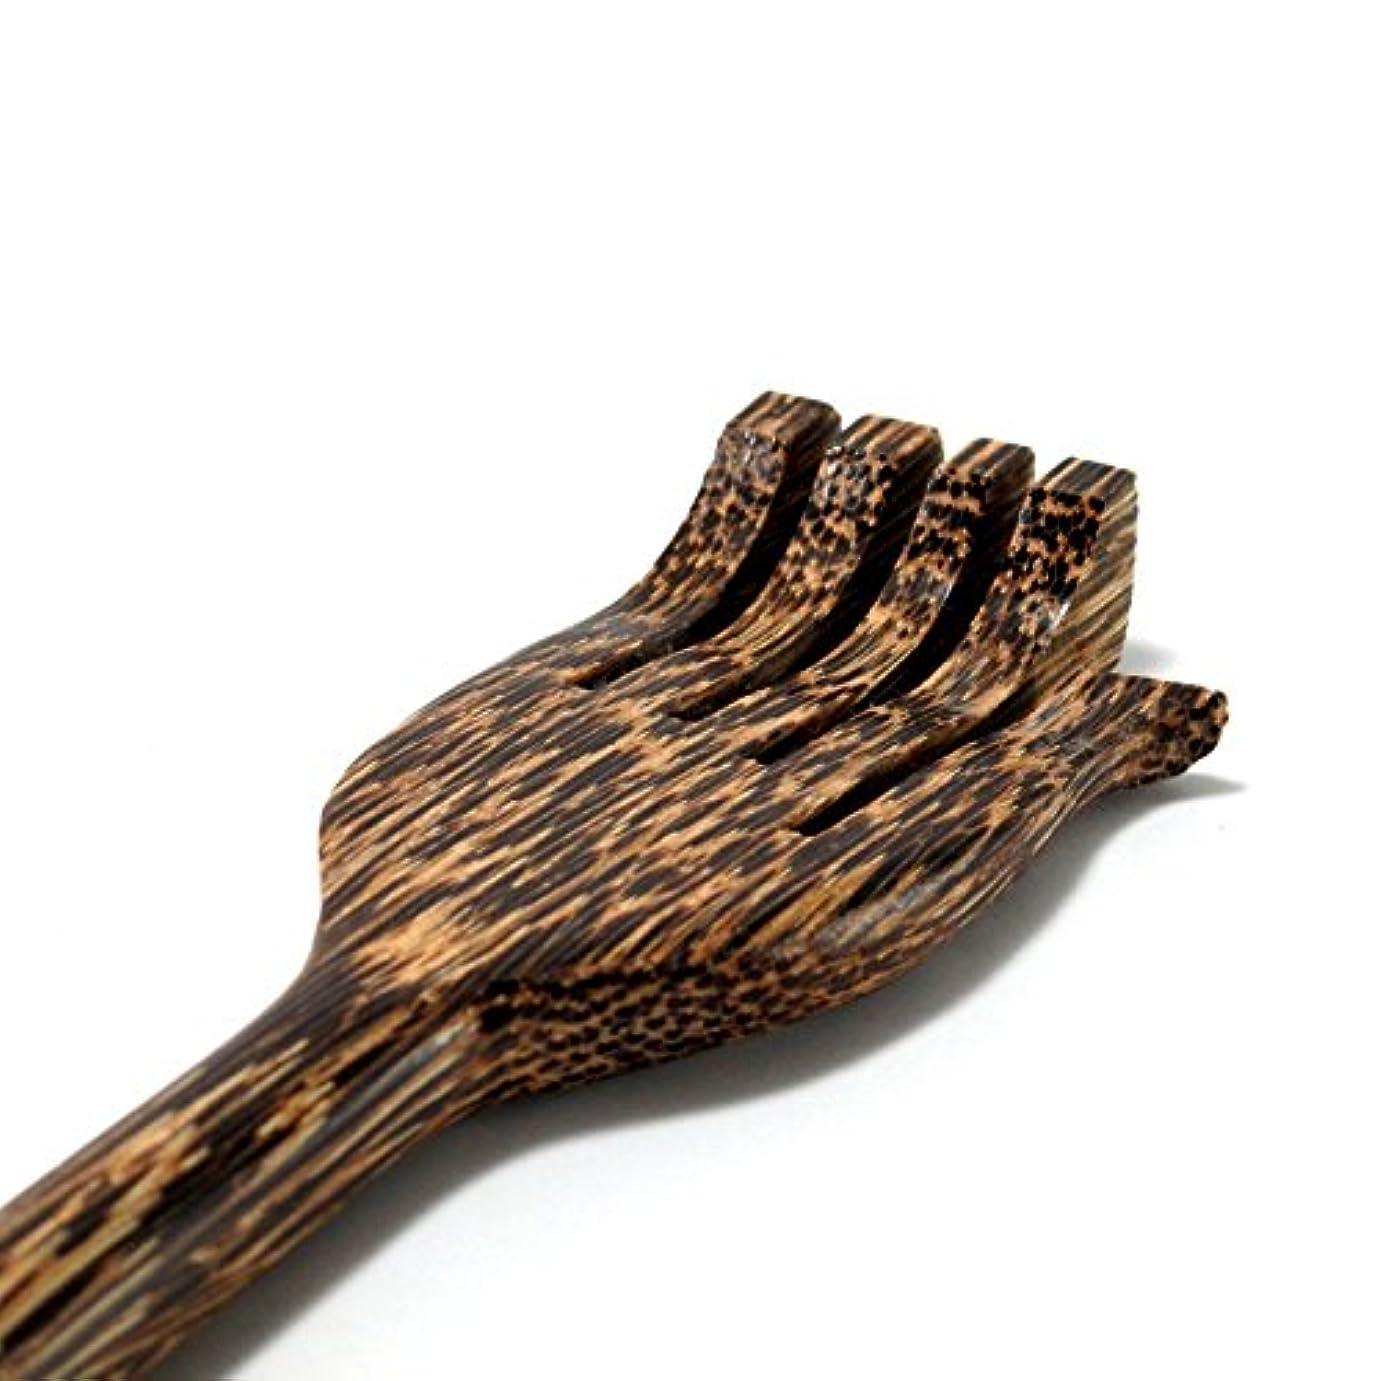 MARUKOA - バックスクラッチャー 新しいパームウッド手作りスティック タイボディマッサージ木製ギフト